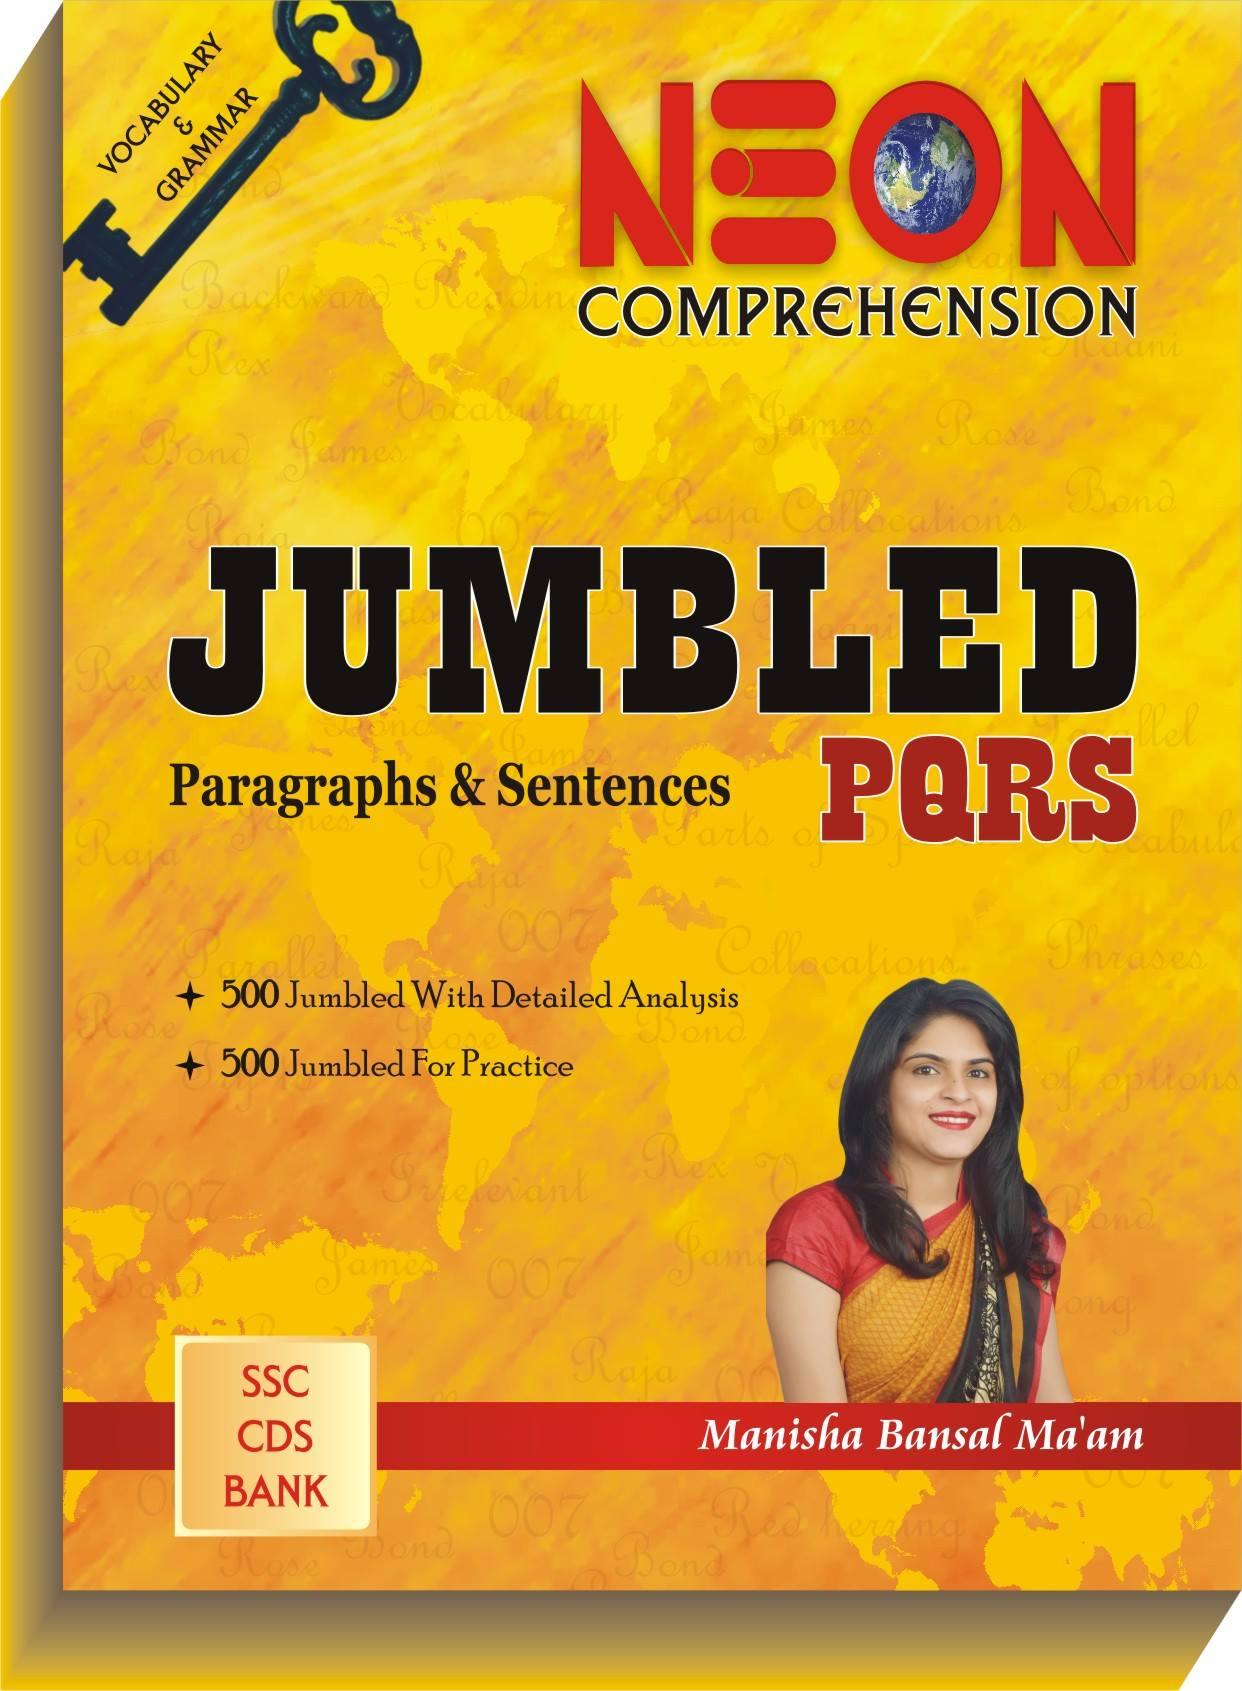 Now Available: JUMBLED PQRS (Paragraphs & Sentences)